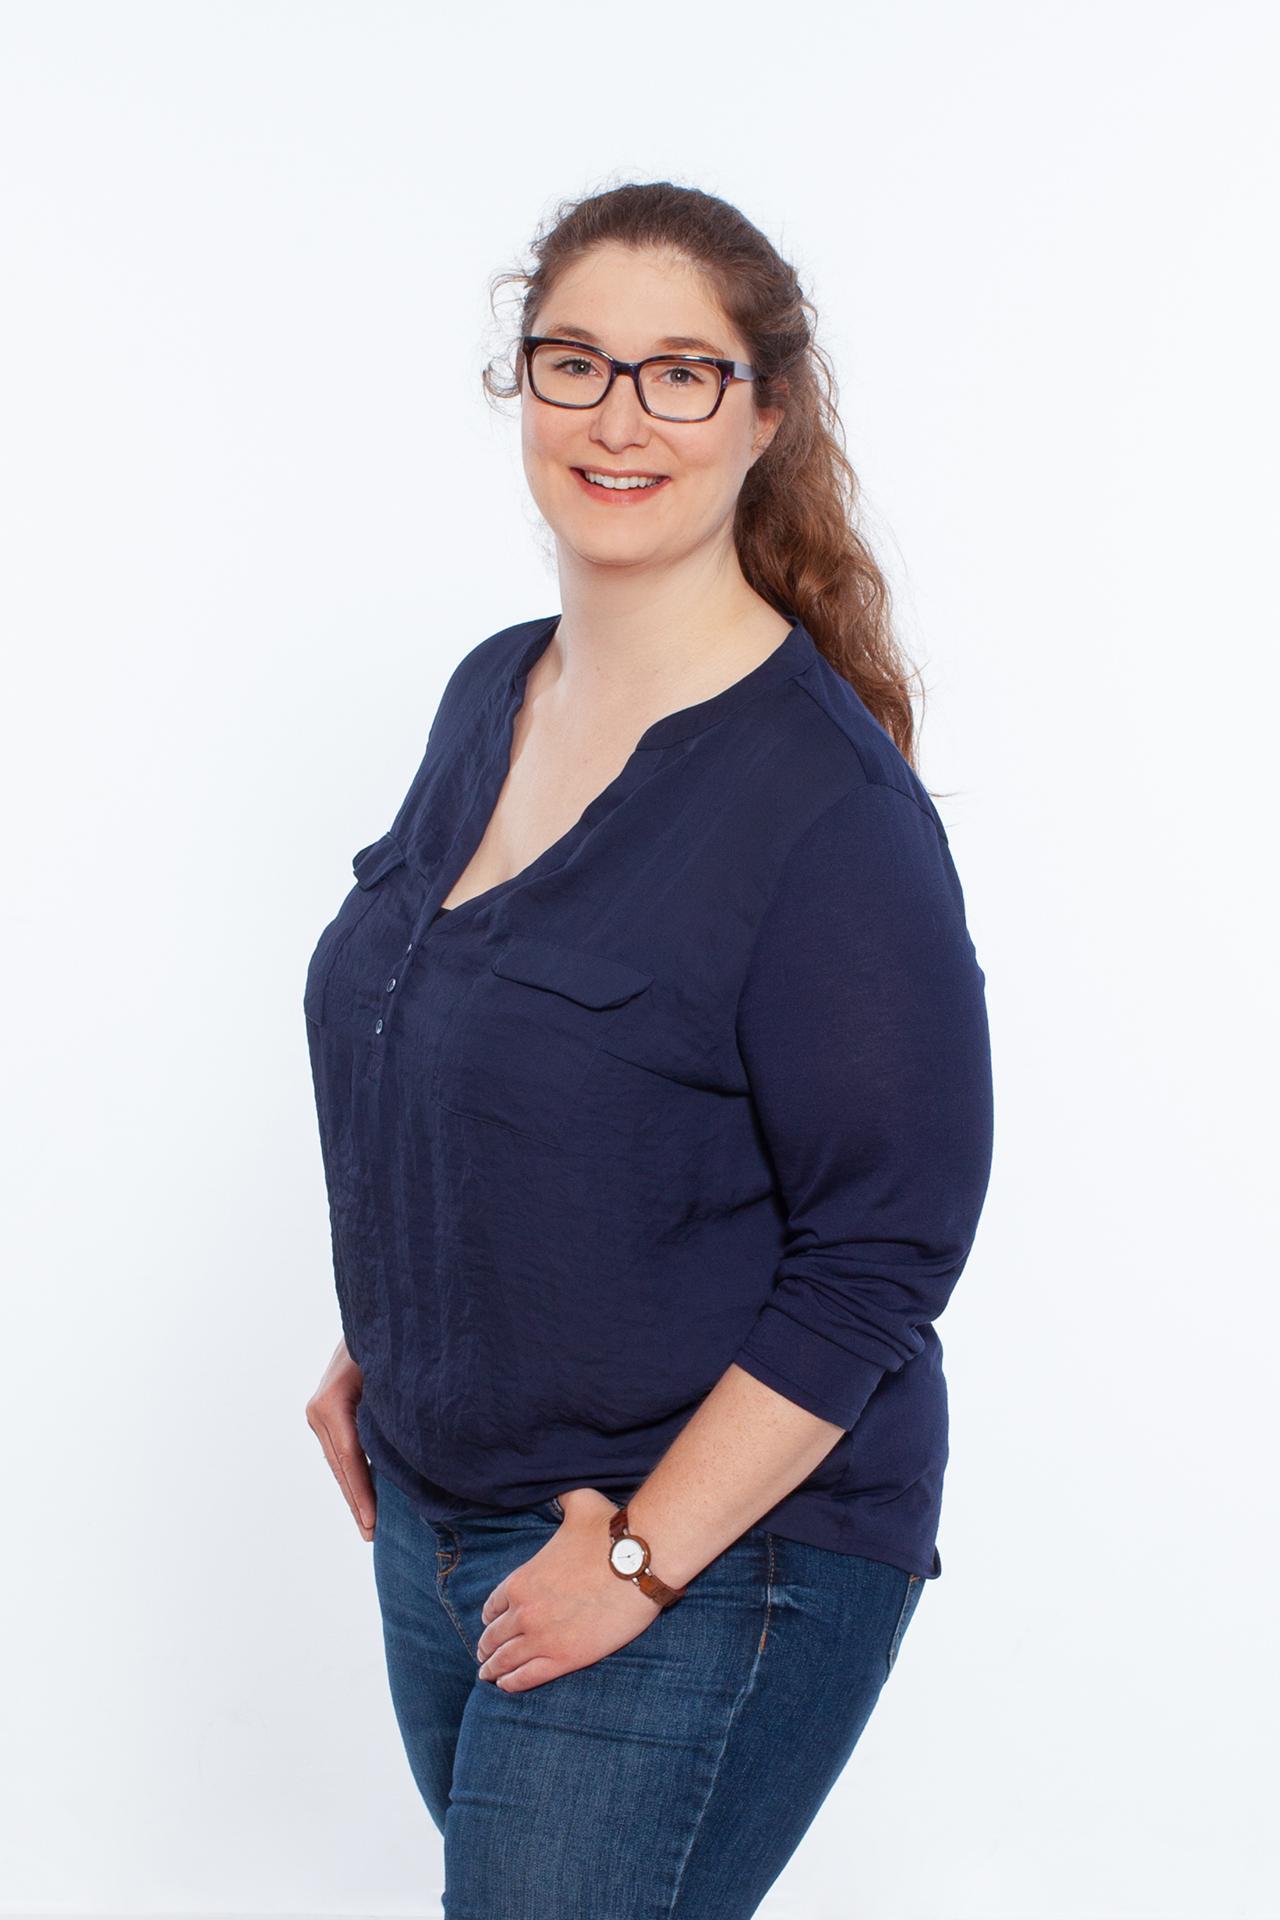 Maren Hackmann